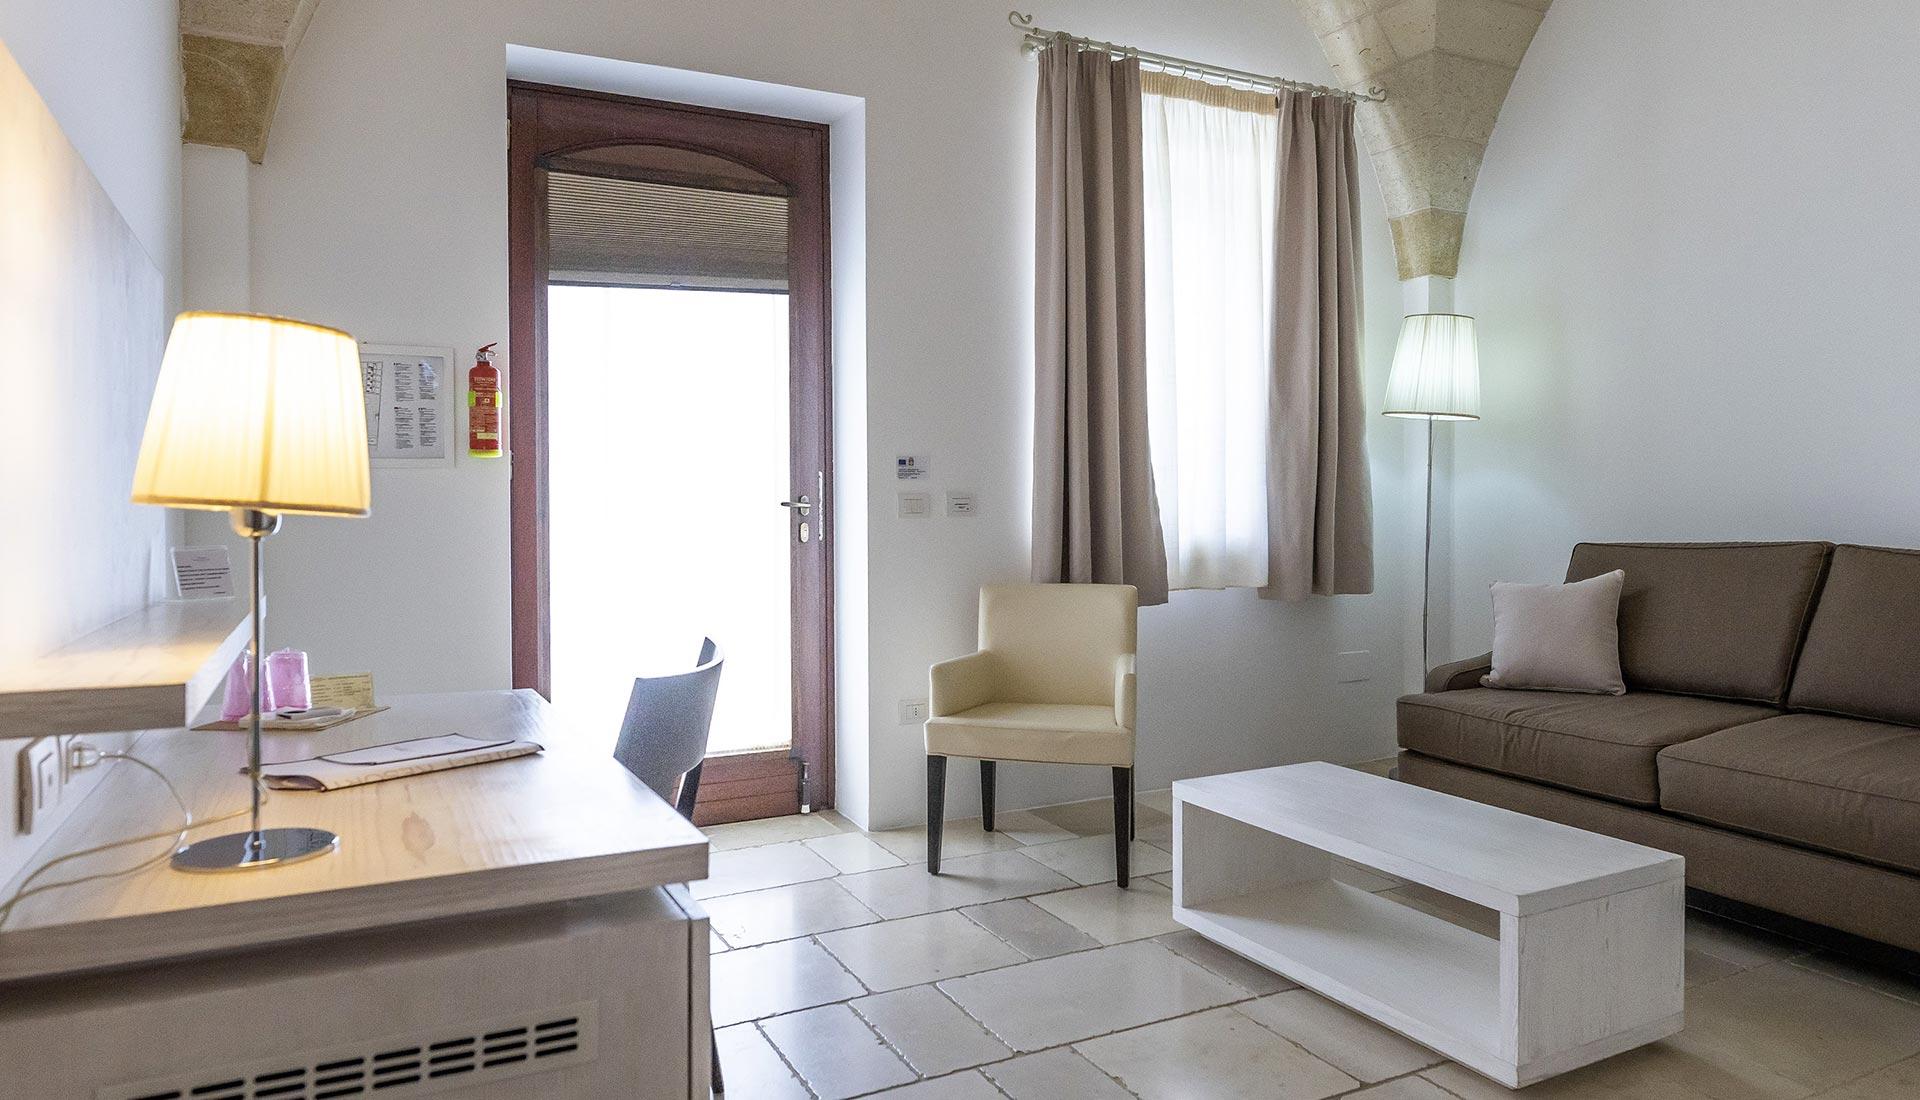 1_4_terrazzo-suite-masseria-salento-04.jpg